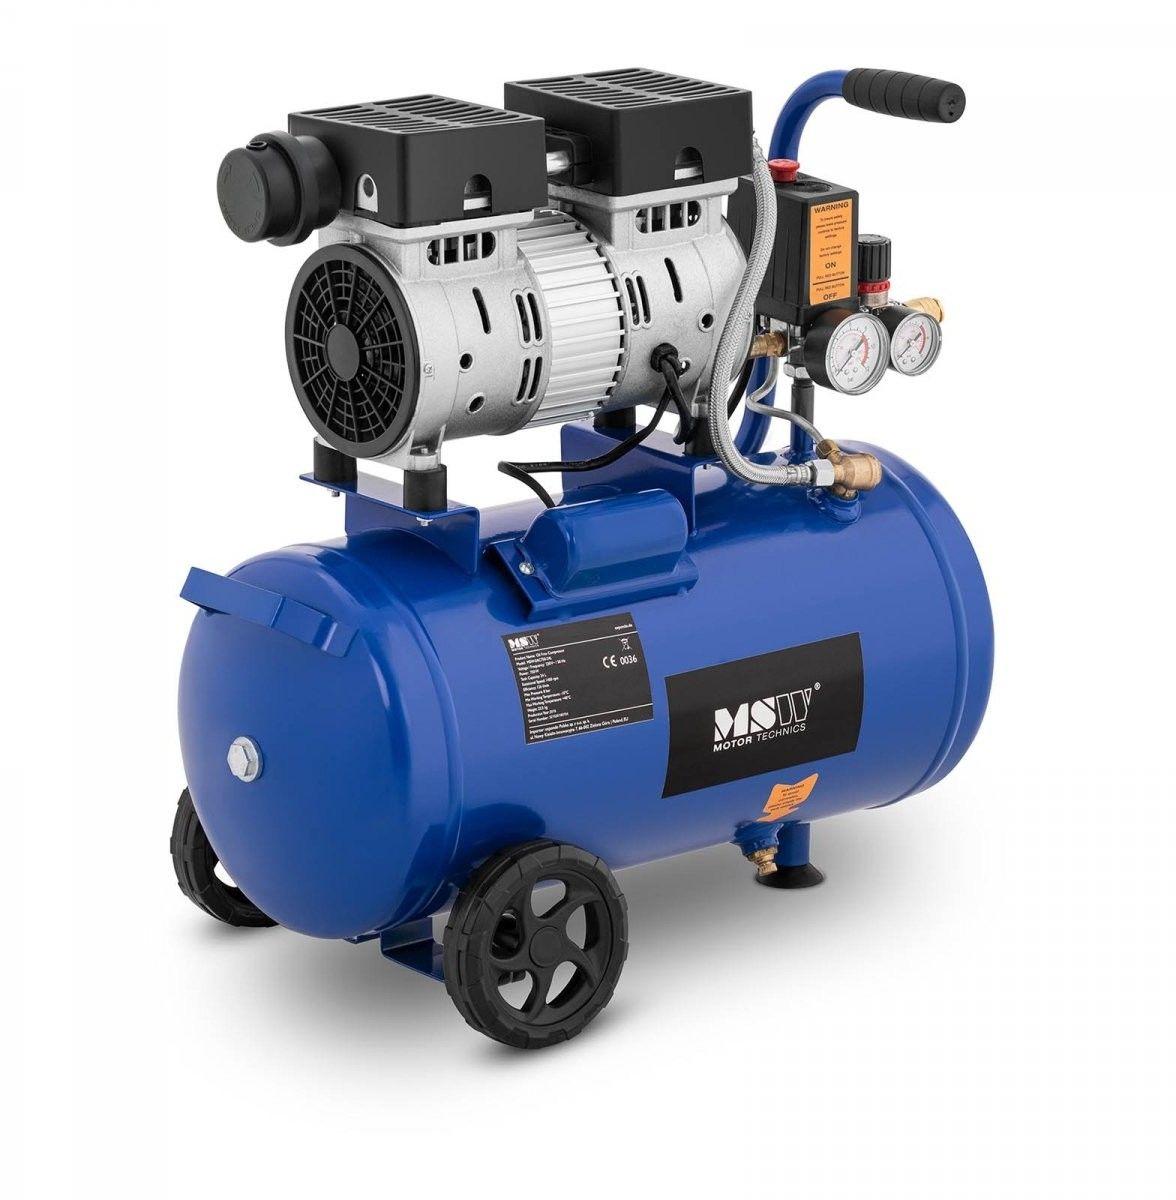 Kompresor bezolejowy - 550 W - 24 l - 8 bar - MSW - MSW-0AC550-24L - 3 lata gwarancji/wysyłka w 24h